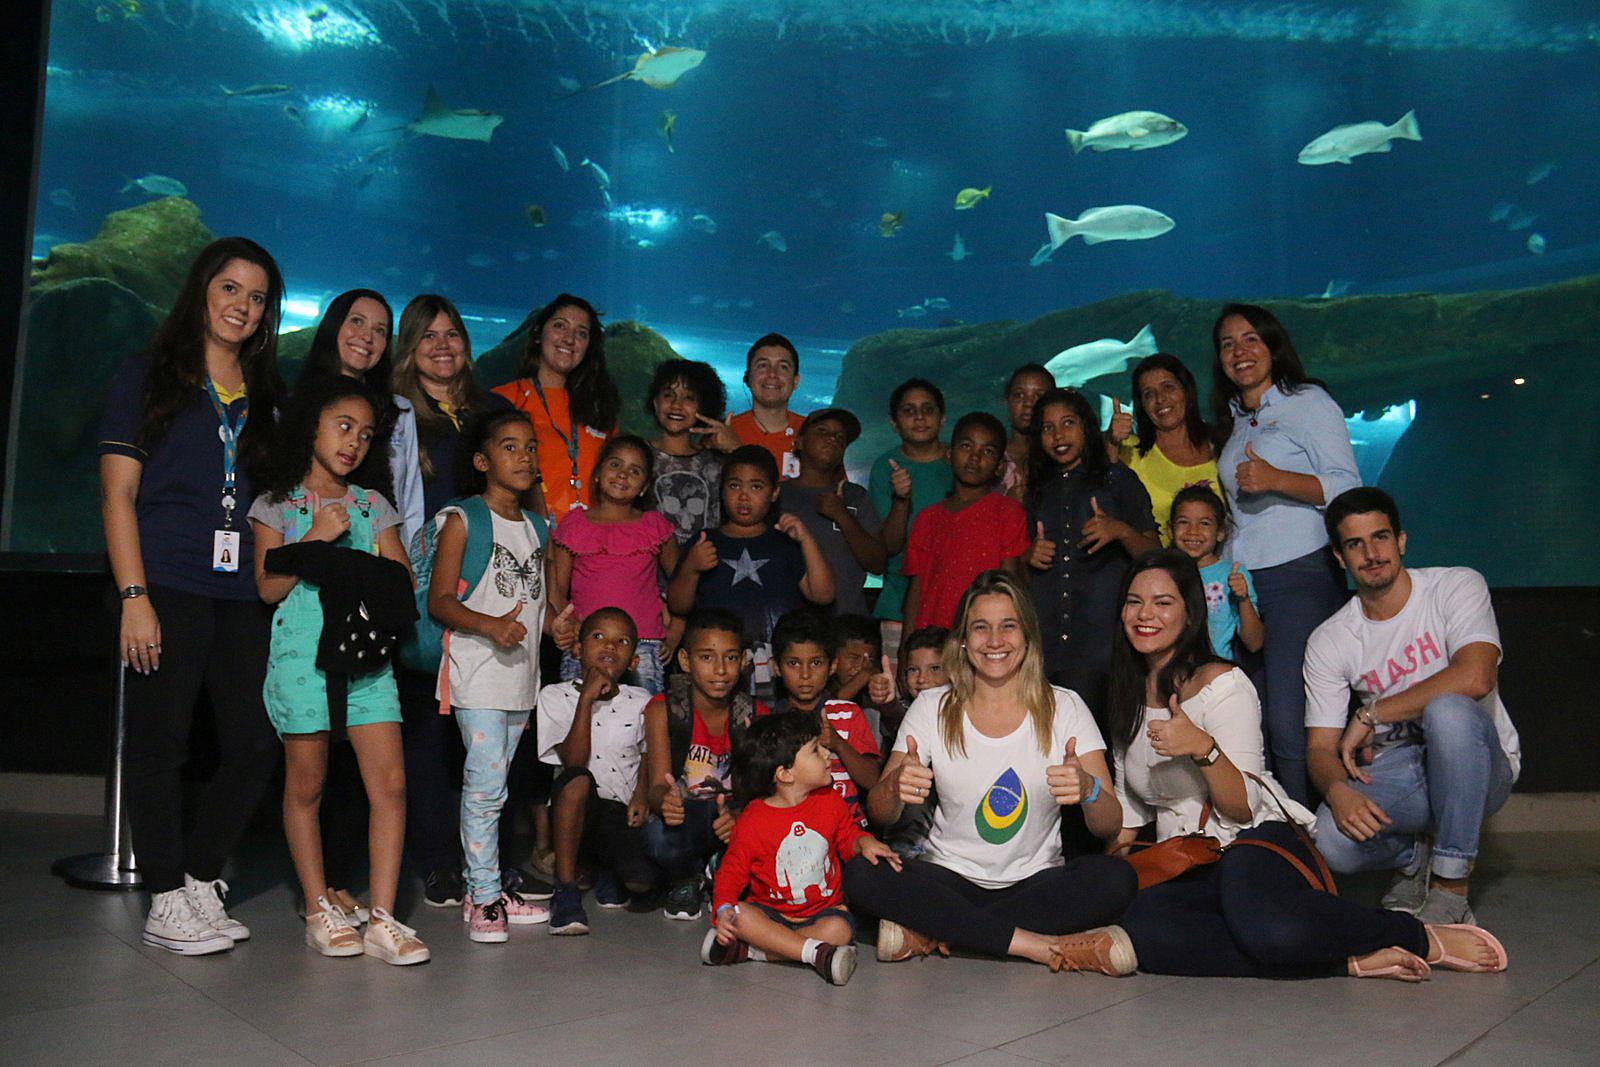 Fernanda Gentil e Enzo Celulari levam crianças carentes para visitar o Aqua Rio